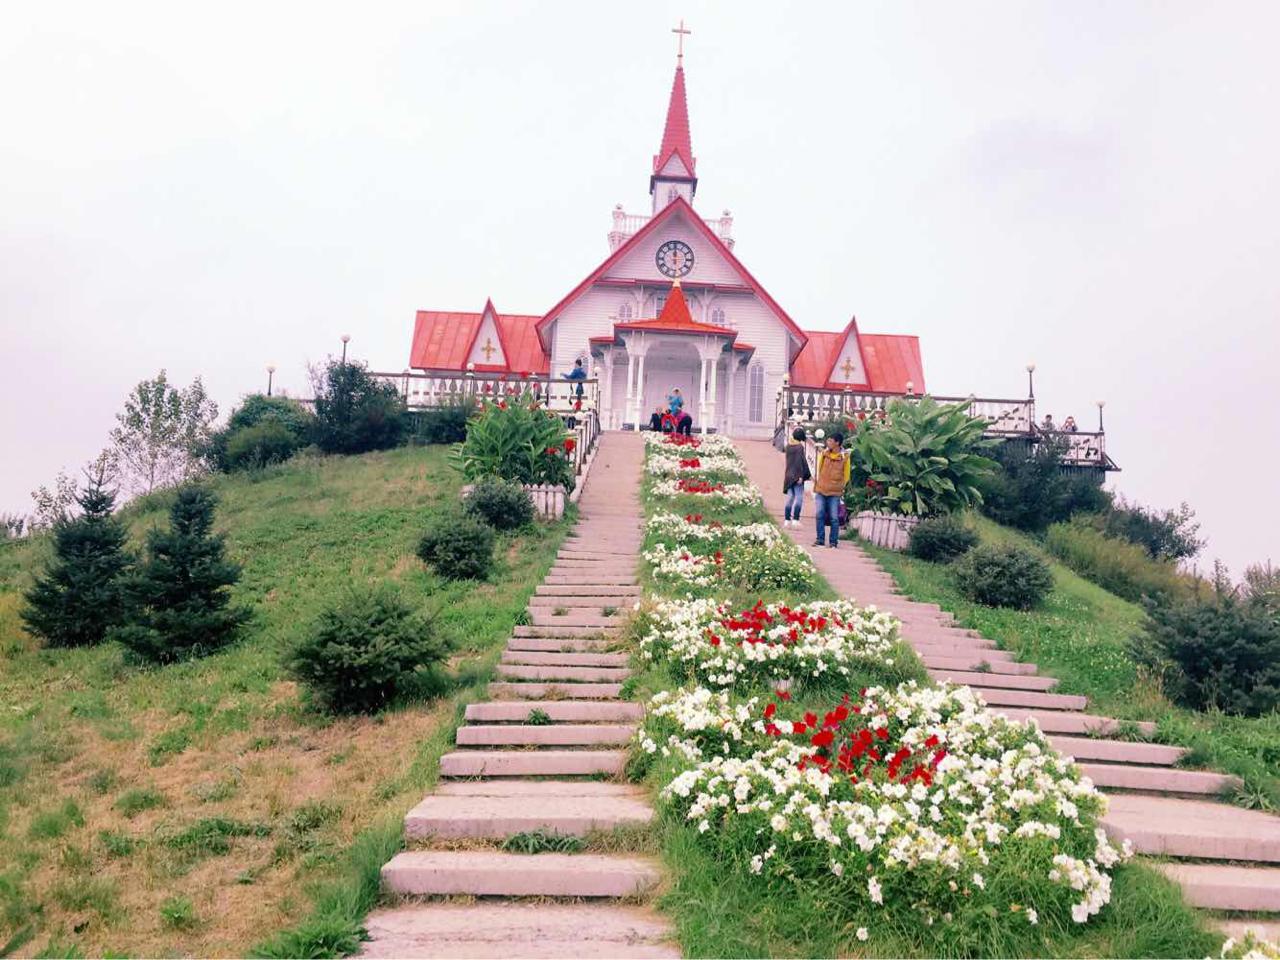 黑龙江 哈尔滨 伏尔加庄园,旅游攻略 - 马蜂窝